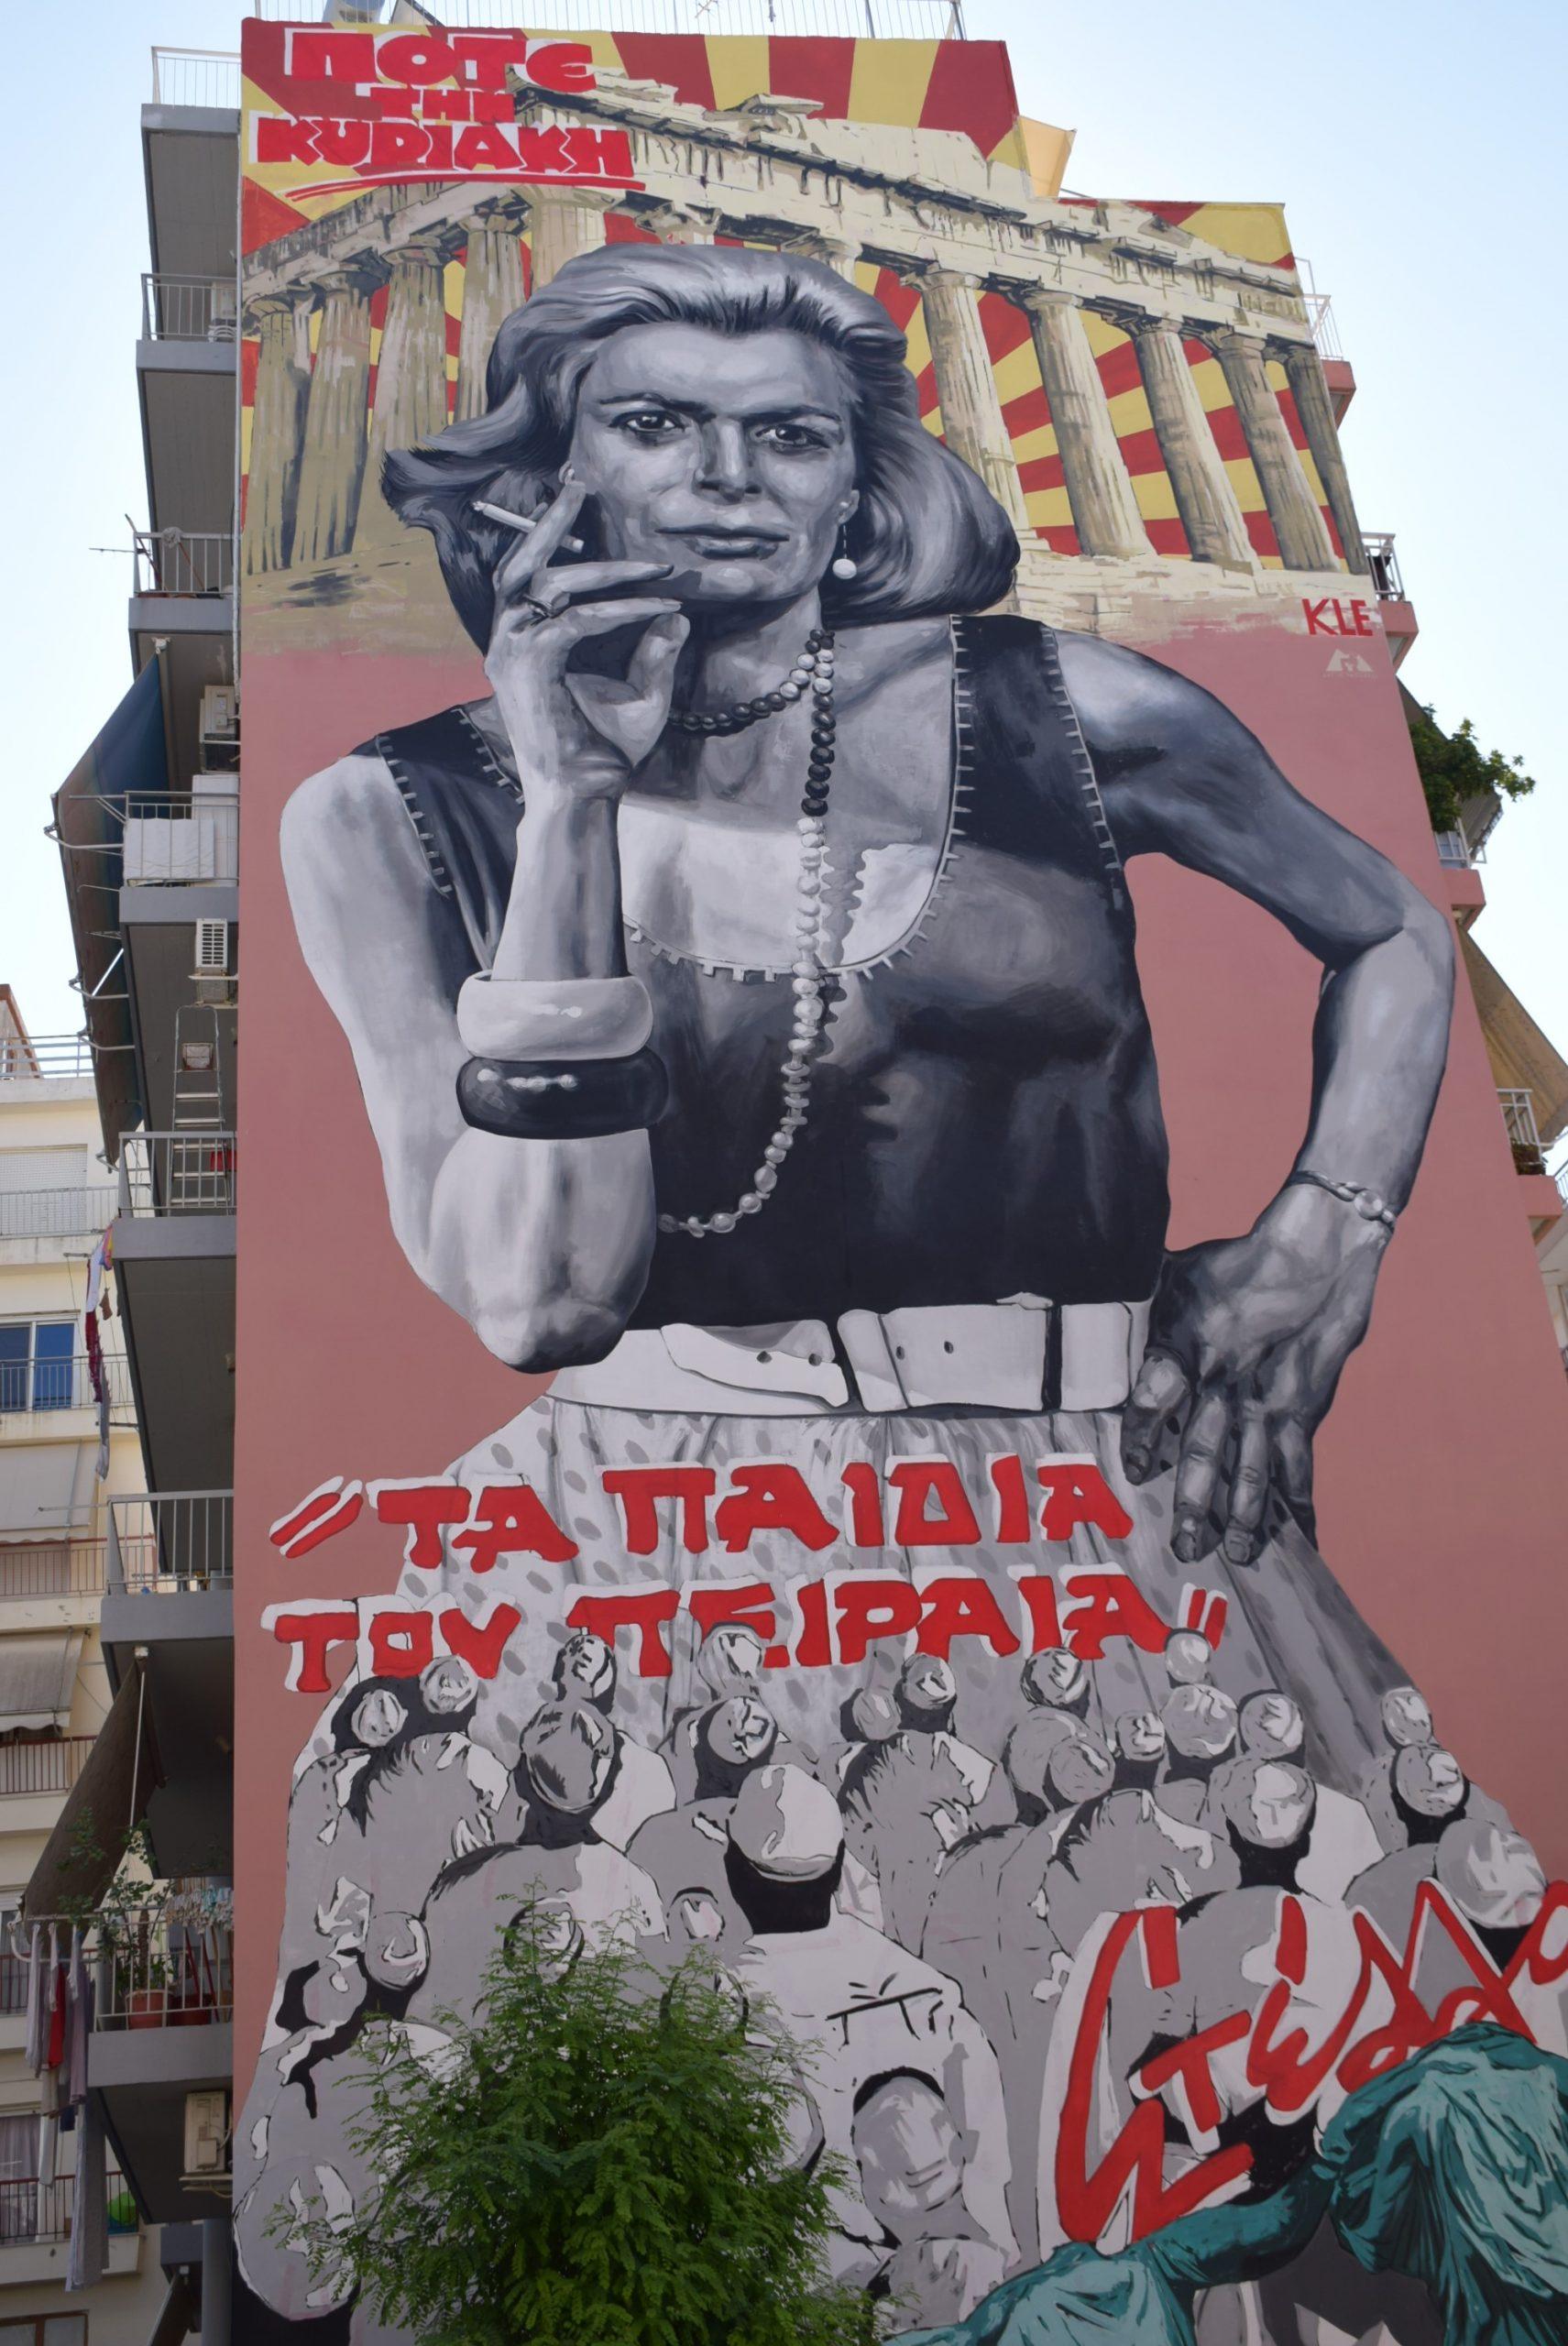 ΠΔΕ: Ο Περιφερειάρχης Ν. Φαρμάκης στο mural της Μελίνας Μερκούρη στην Πάτρα (photos)